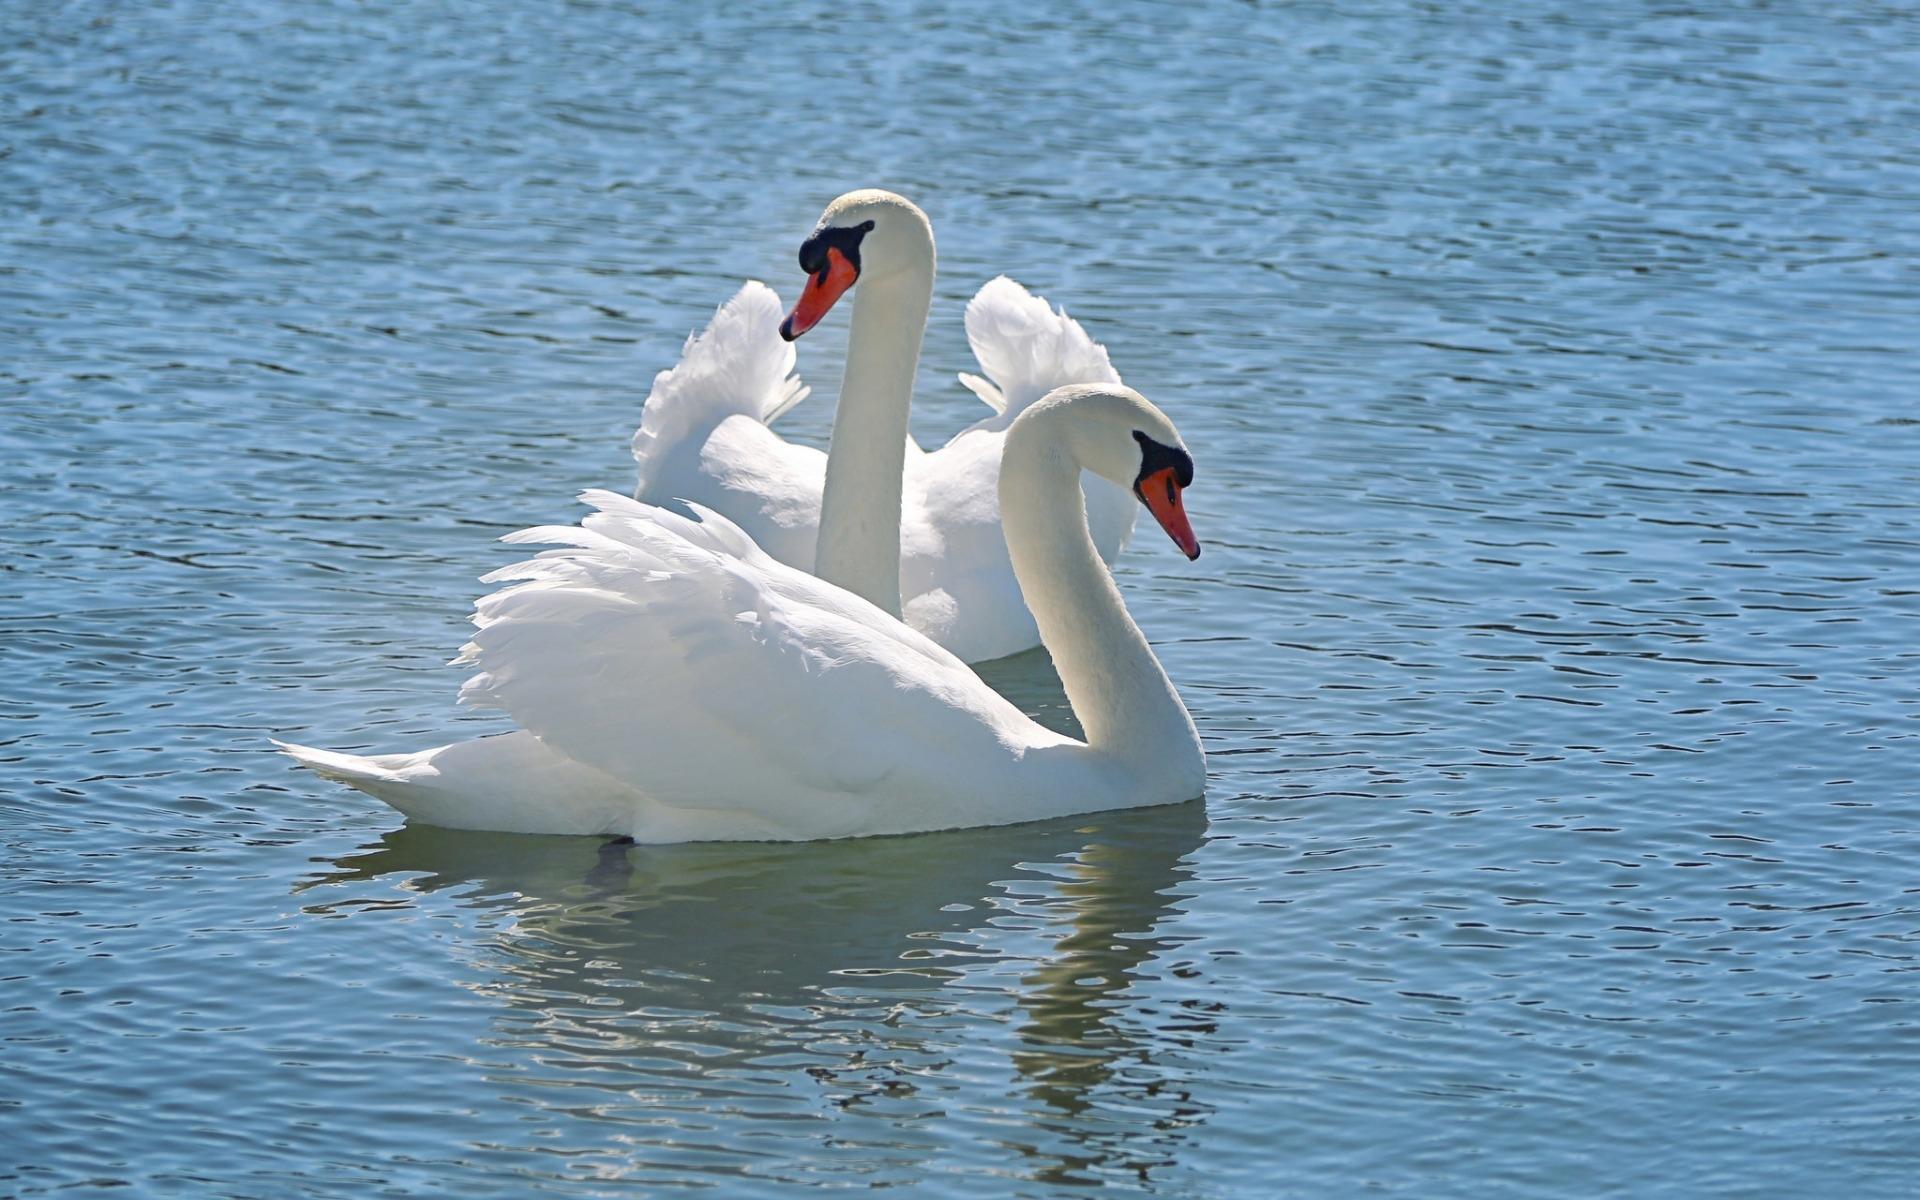 Обои на телефон с лебедями (8)